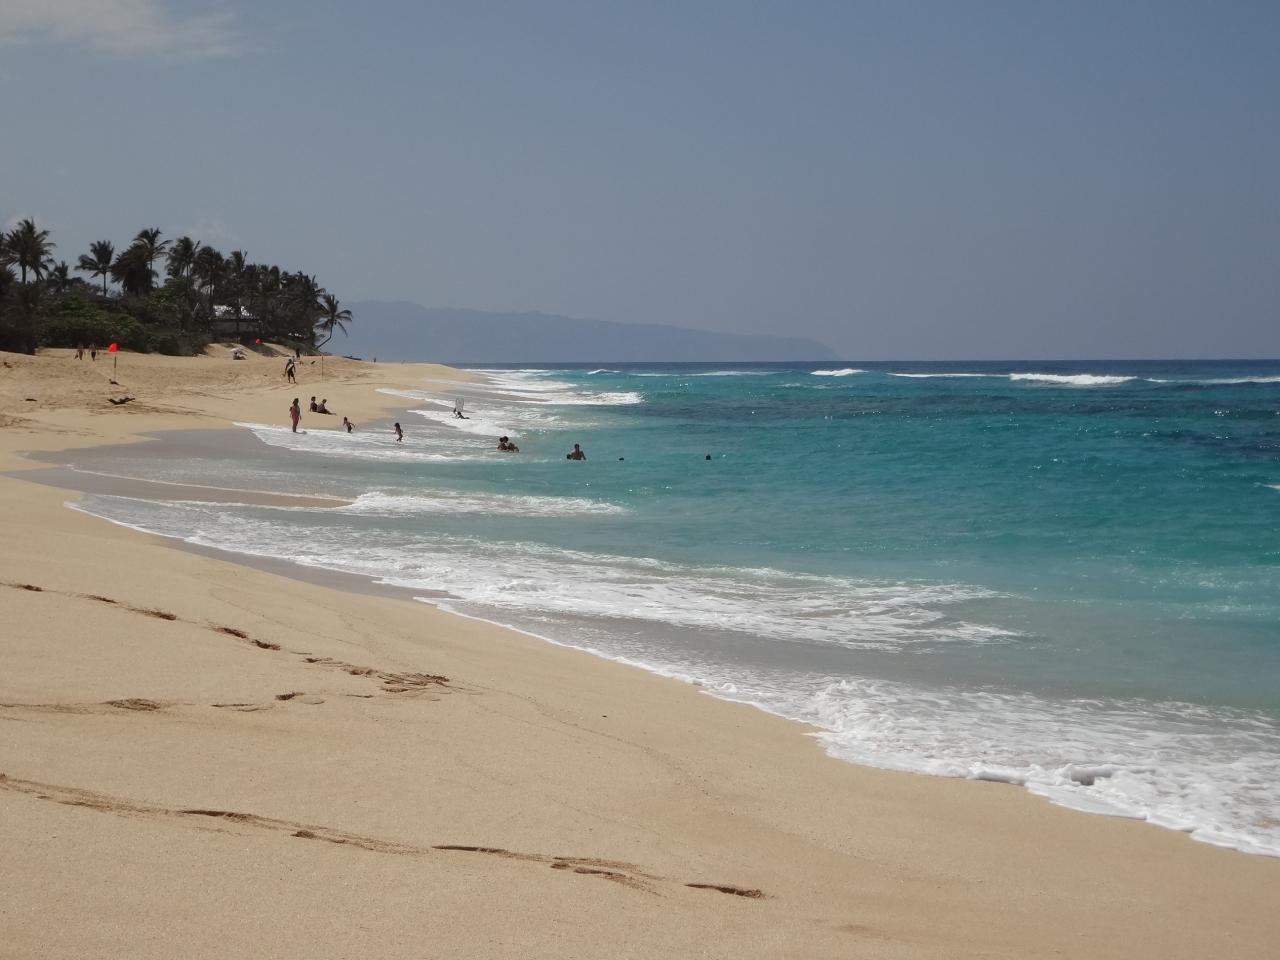 グルメとビーチと、そしてディズニーなハワイ③』オアフ島(ハワイ)の